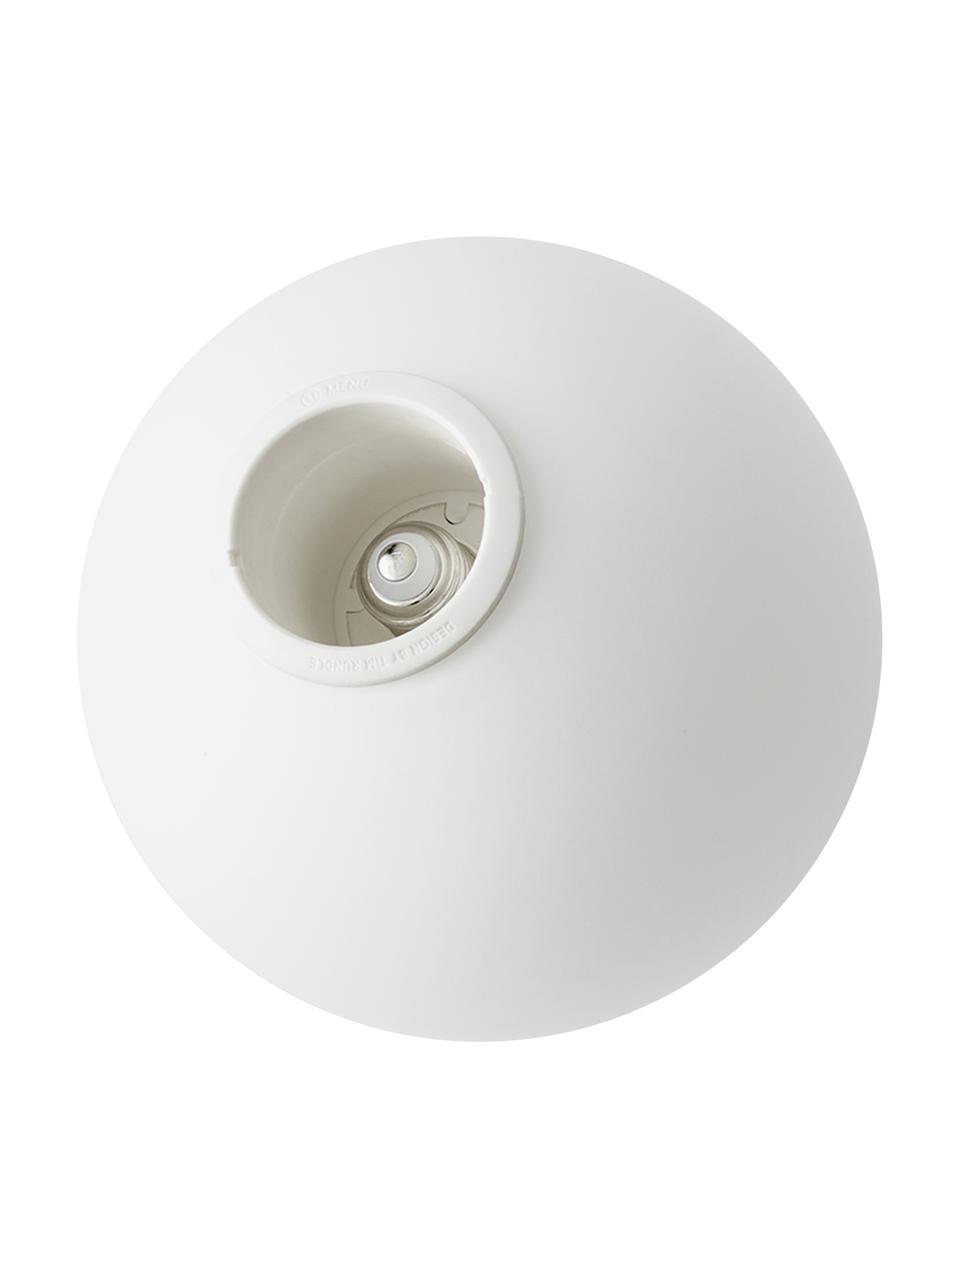 Kleine LED-Pendelleuchte TR Bulb aus Opalglas, Lampenschirm: Opalglas, Dekor: Stahl, pulverbeschichtet, Baldachin: Kunststoff, Weiß, Schwarz, Ø 20 x H 32 cm